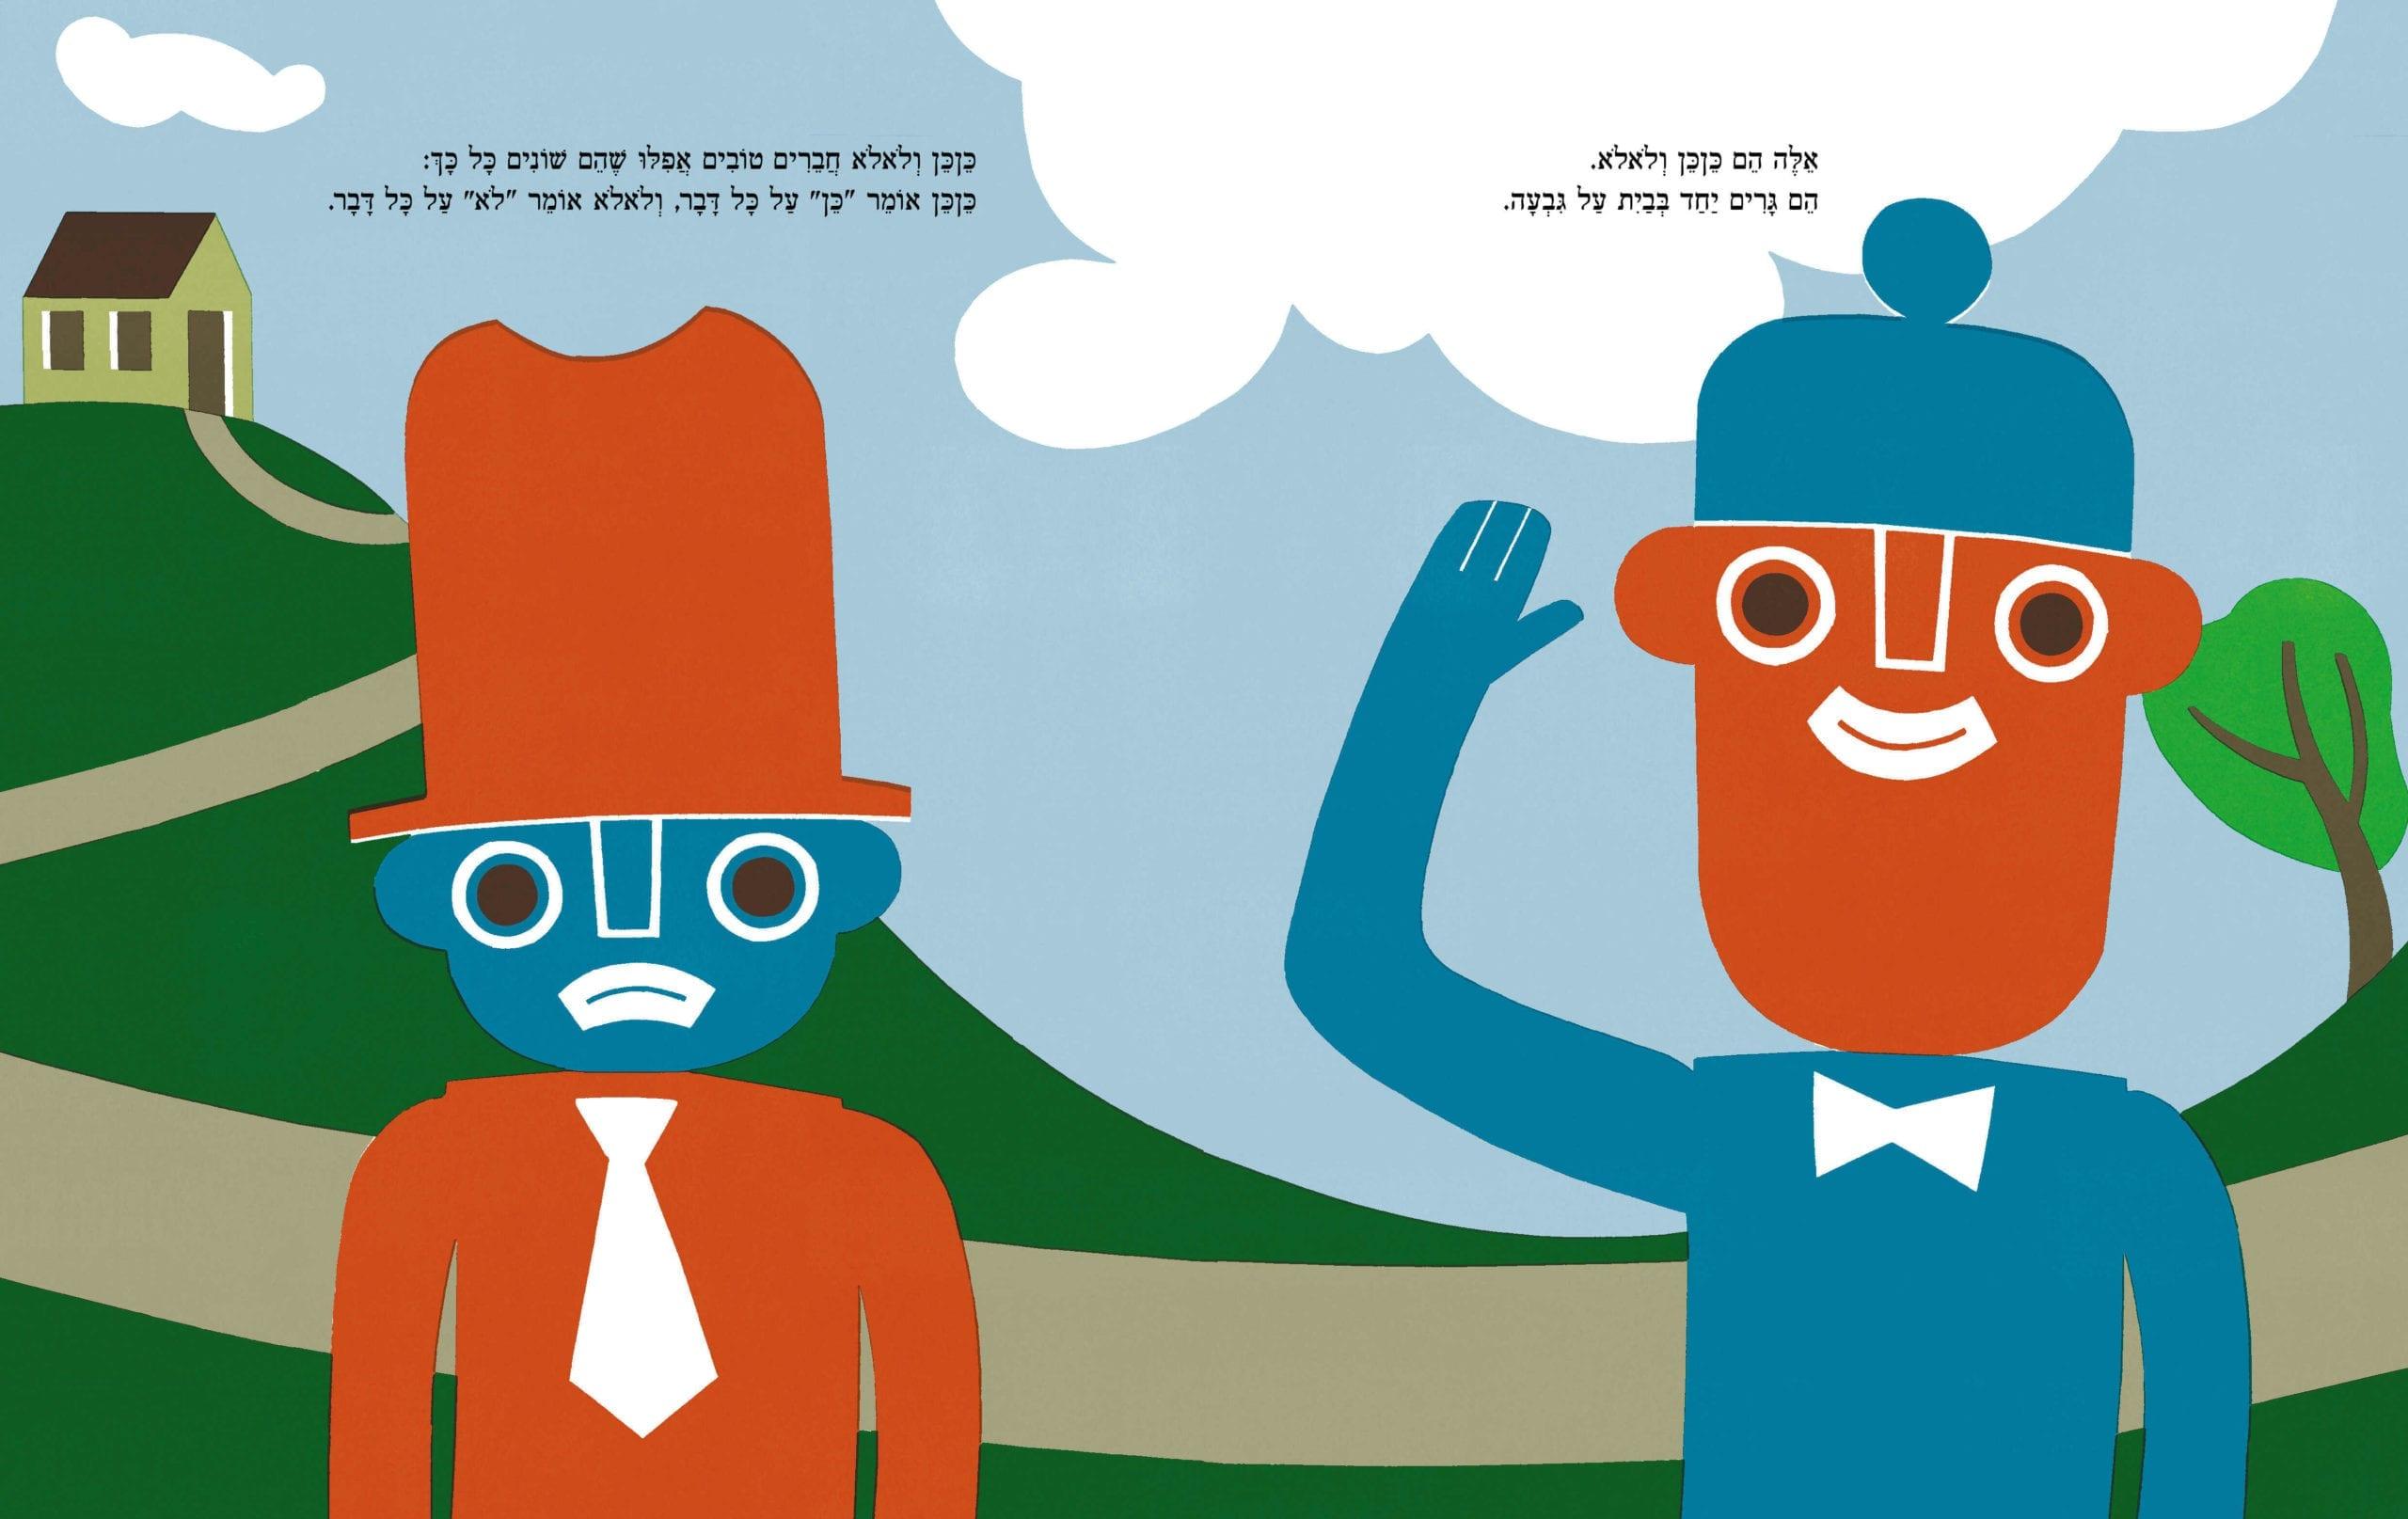 מגזין ''מקו ועד תרבות'' - ''חפצים'' כןכן ולאלא